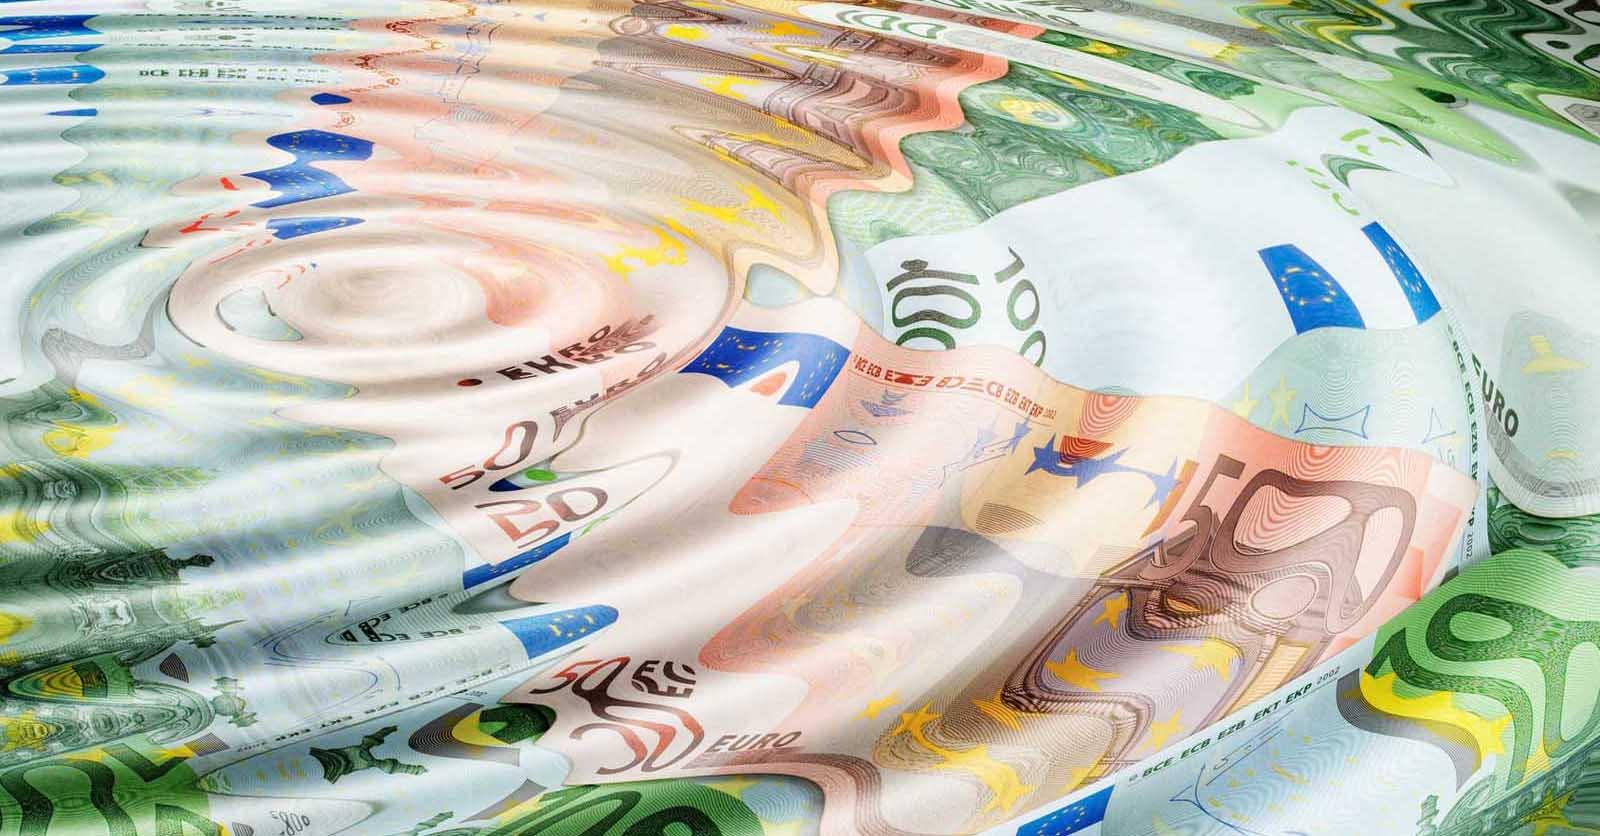 debiti della pubblica amministrazione euro soldi tempo ritardi pagamenti goccia acqua